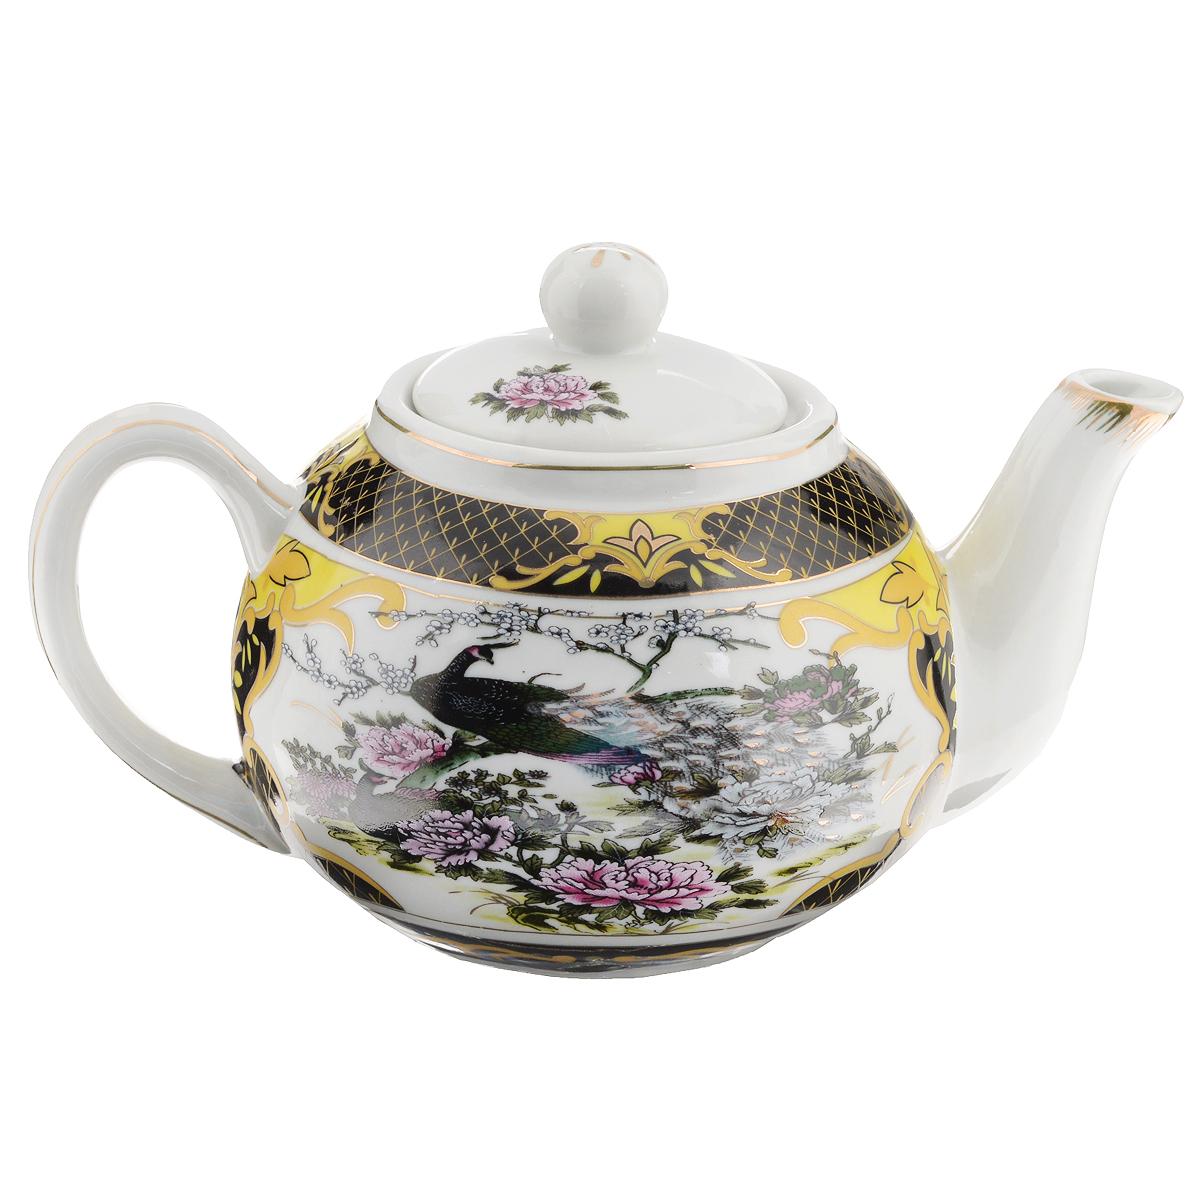 Чайник заварочный Briswild Сказочный павлин, 700 мл. 523-123523-123Чайник заварочный Briswild Сказочный павлин изготовлен из высококачественного фарфора. Чайник декорирован изображением павлинов и золотой каймой. Такой дизайн, несомненно, придется по вкусу и любителям классики, и тем кто ценит красоту и изящество. Чайник заварочный Briswild Сказочный павлин украсит ваш кухонный стол, а также станет замечательным подарком к любому празднику. Не использовать в микроволновой печи. Не применять абразивные чистящие вещества. Объем: 700 мл. Размеры чайника без крышки (ДхШхВ): 20 см х 11,5 см х 9 см.